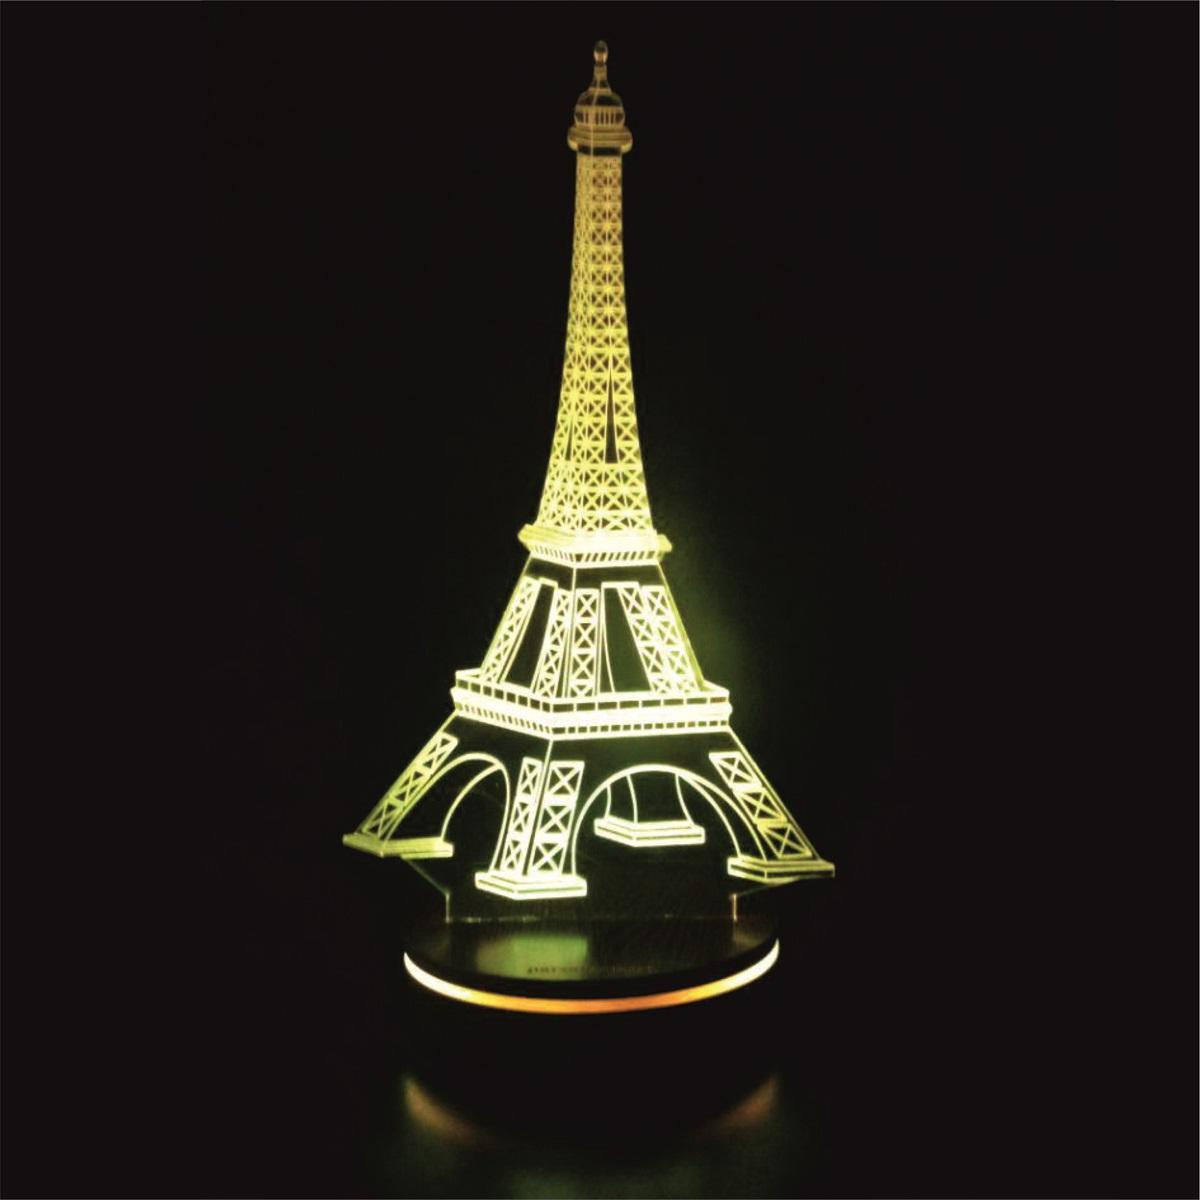 چراغ خواب سه بعدی پارسافن لیزر طرح برج ایفل 16 رنگ ریموت دار